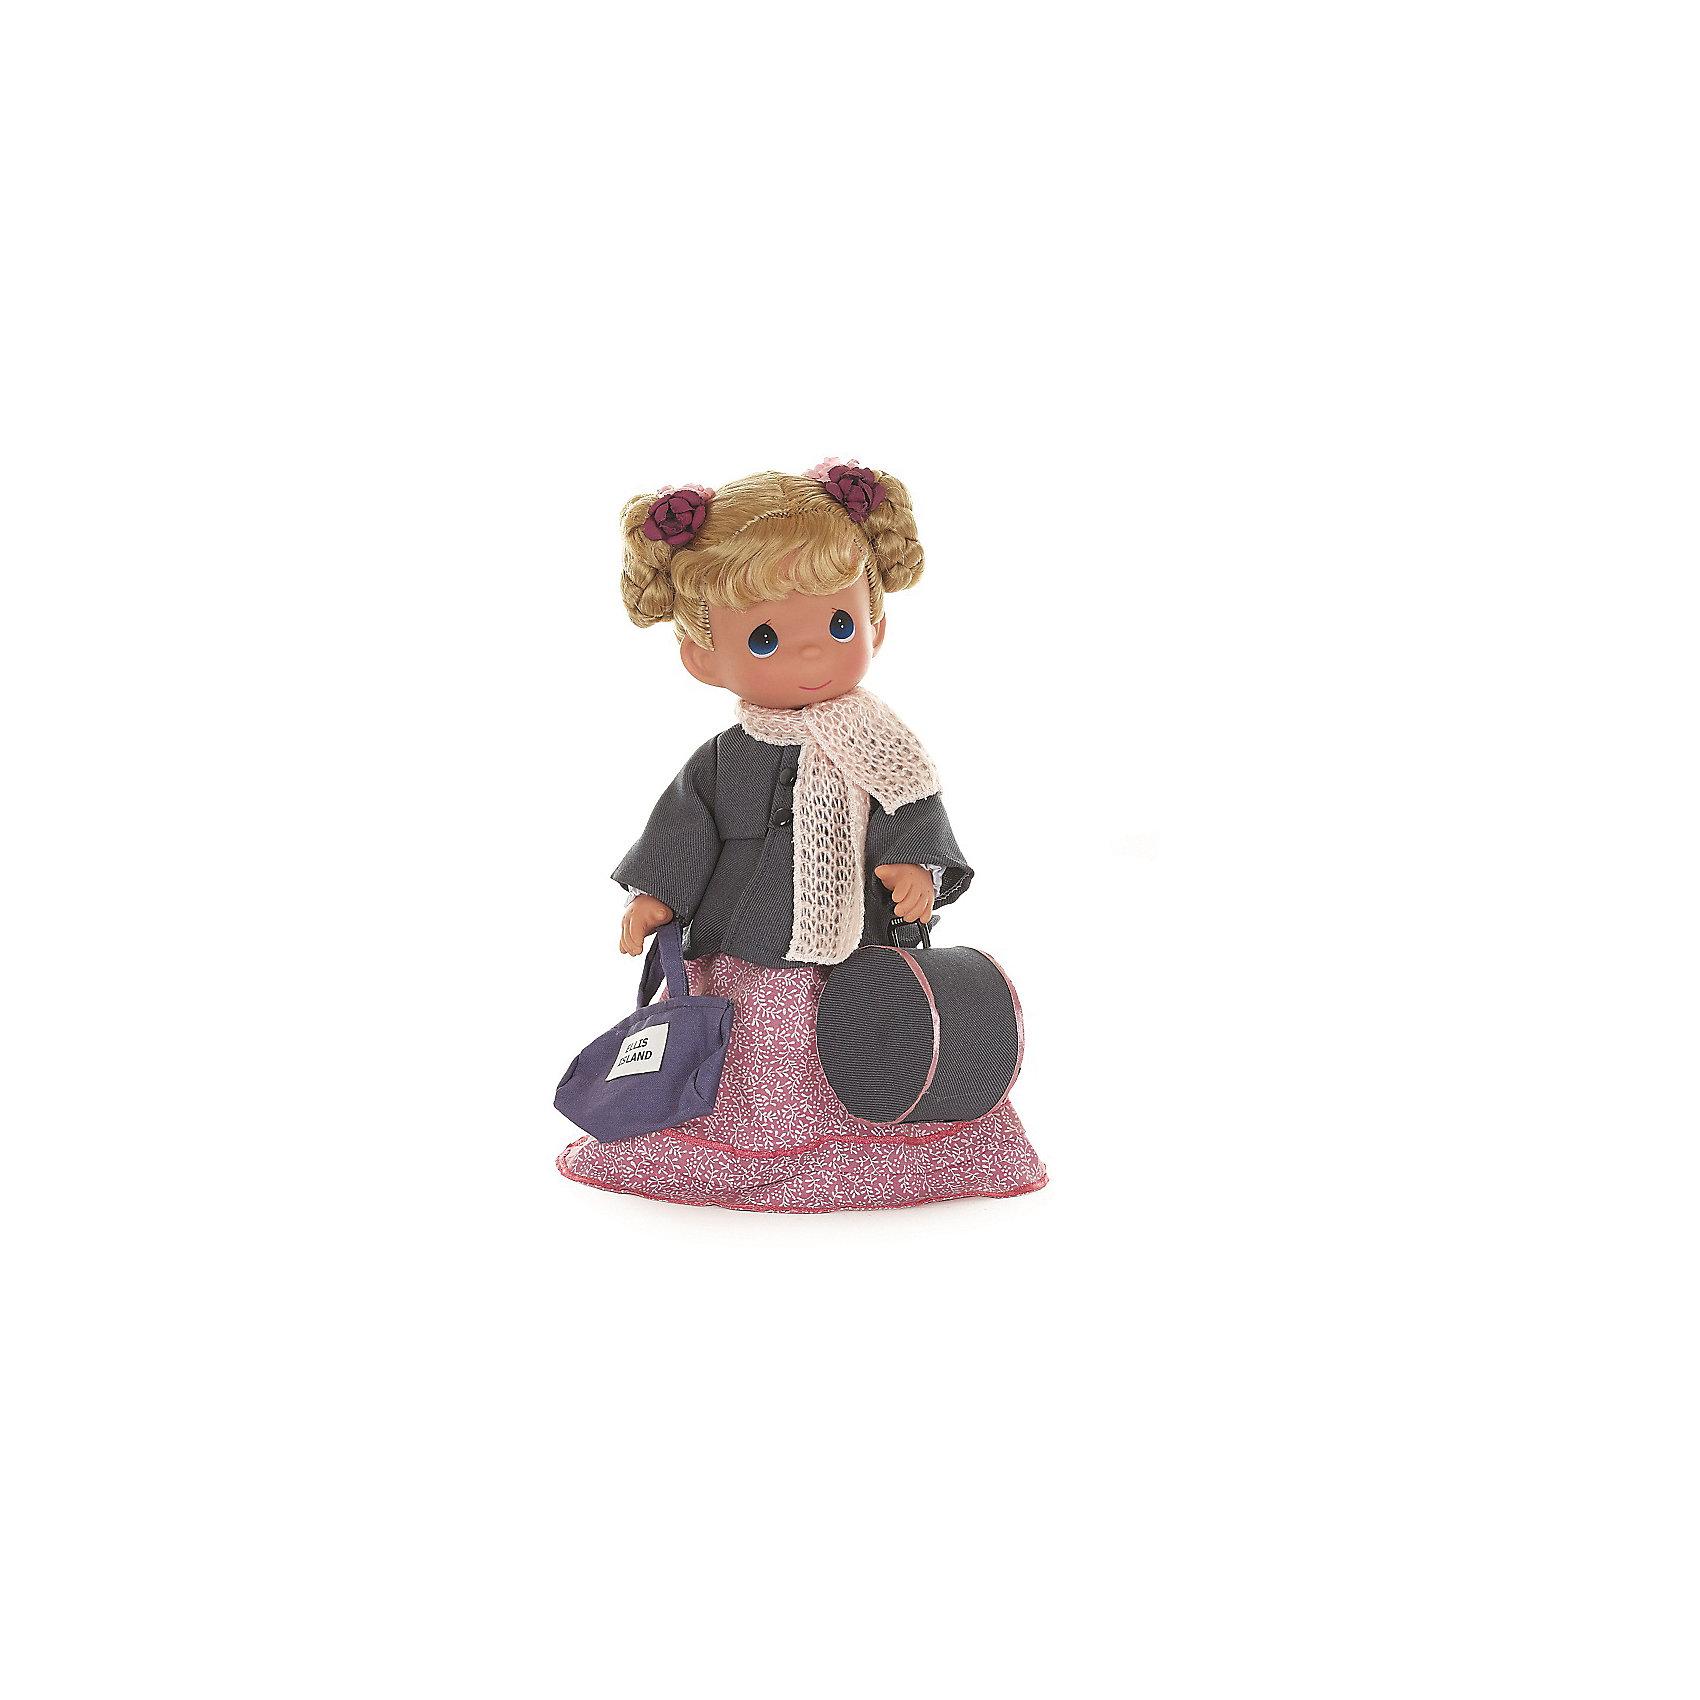 Кукла Путешественница (Польша), 30 см, Precious MomentsКлассические куклы<br>Характеристики товара:<br><br>• возраст: от 5 лет;<br>• материал: винил, текстиль;<br>• высота куклы: 30 см;<br>• размер упаковки: 34х18х11 см;<br>• вес упаковки: 465 гр.;<br>• страна производитель: Филиппины.<br><br>Кукла «Путешественница. Польша» Precious Moments — коллекционная кукла с выразительными голубыми глазками и светлыми волосами, завязанными в хвостики. Куколка одета в розовое платье и серое пальто.<br><br>Она отправляется в путешествие, и поэтому у нее с собой дамская сумочка и вместительный овальный чемодан. У куклы имеются подвижные детали. Она выполнена из качественного безопасного материала.<br><br>Куклу «Путешественница. Польша» Precious Moments можно приобрести в нашем интернет-магазине.<br><br>Ширина мм: 140<br>Глубина мм: 300<br>Высота мм: 80<br>Вес г: 428<br>Возраст от месяцев: 36<br>Возраст до месяцев: 2147483647<br>Пол: Женский<br>Возраст: Детский<br>SKU: 5482496